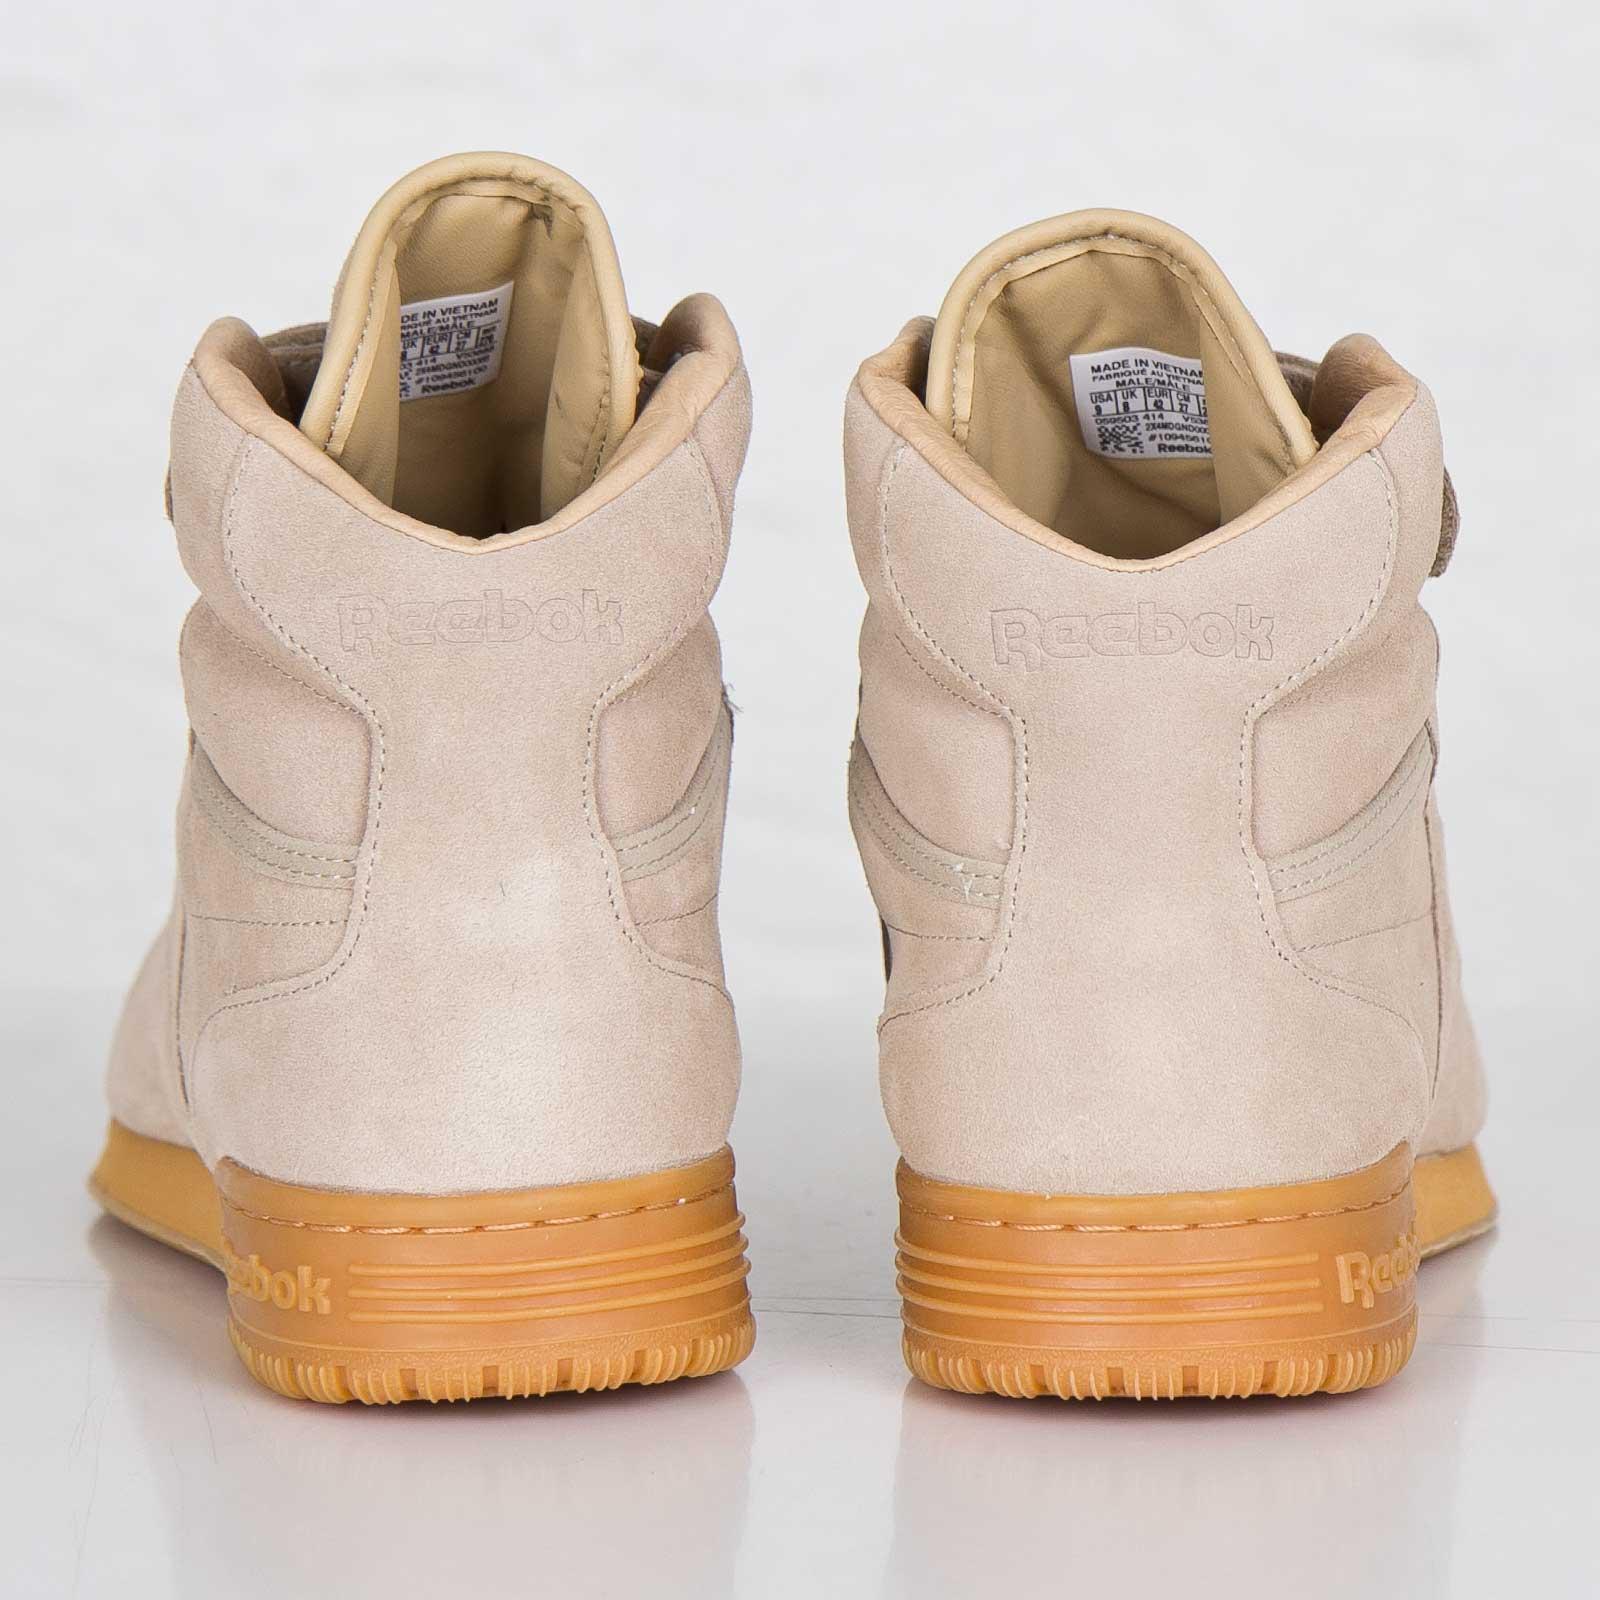 04484297ab7d Reebok Ex-O-Fit Hi Vintage - V53888 - Sneakersnstuff